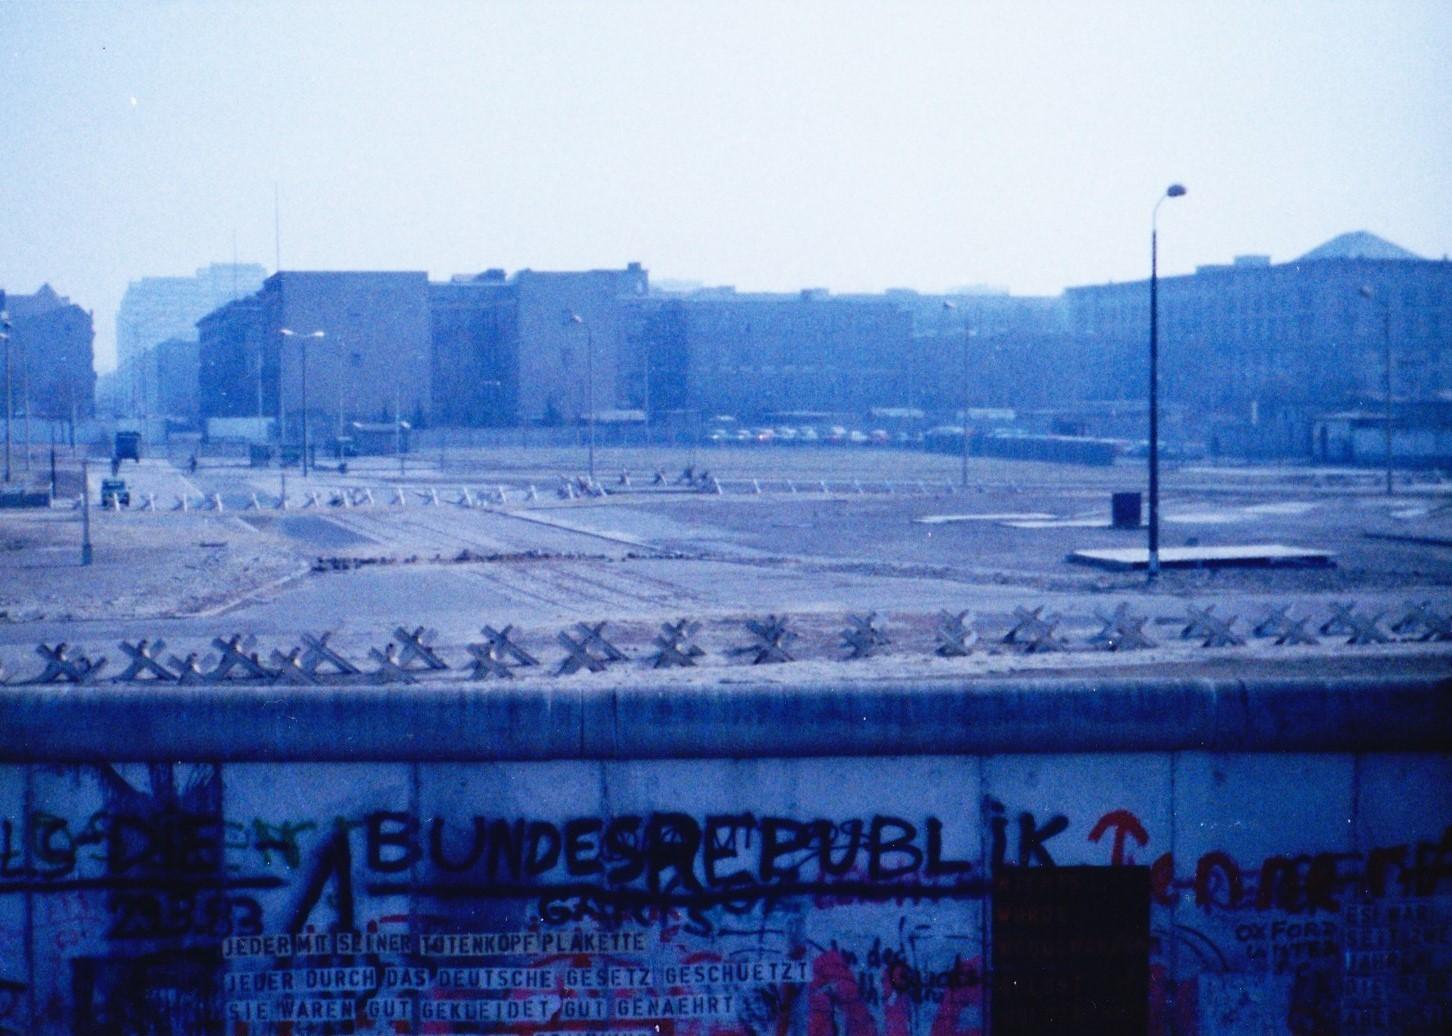 ベルリンの壁、西ベルリンから東ベルリン方向を観る